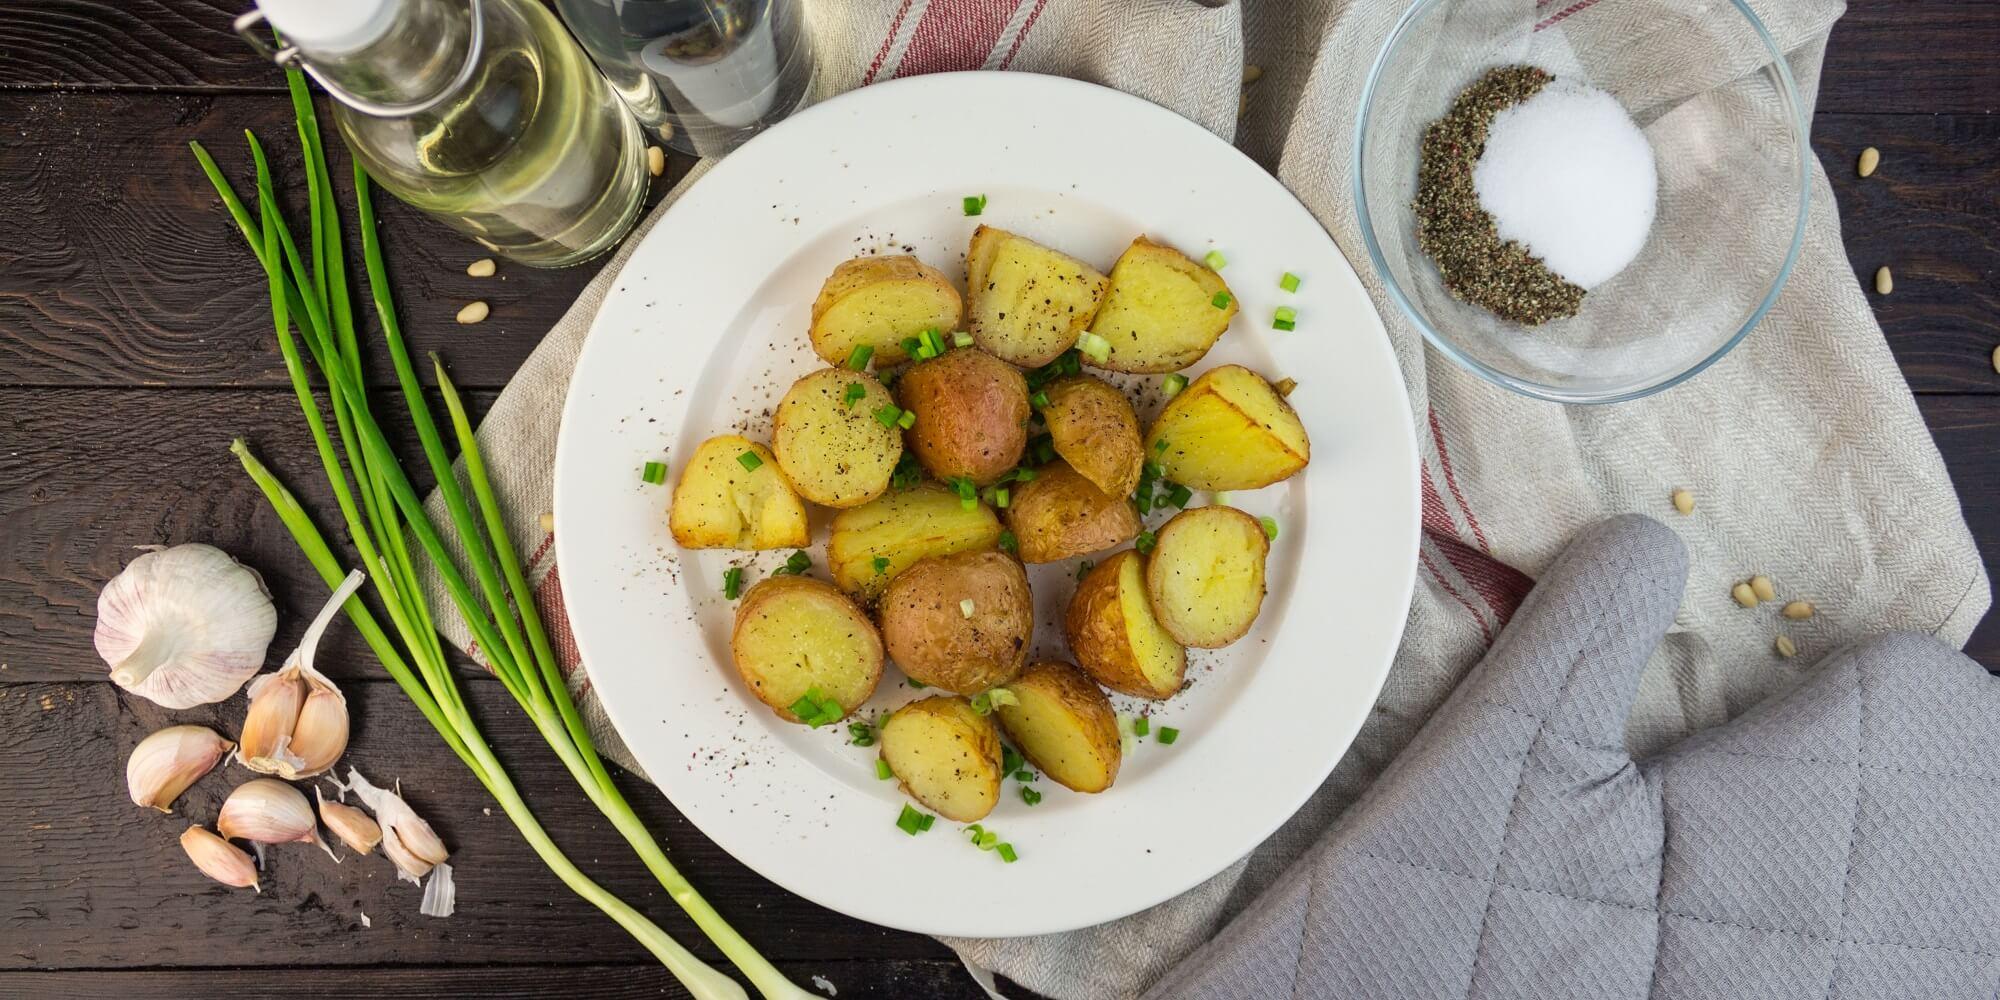 Как приготовить хрустящий картофель, запечённый с уксусом и солью – пошаговый рецепт с фото